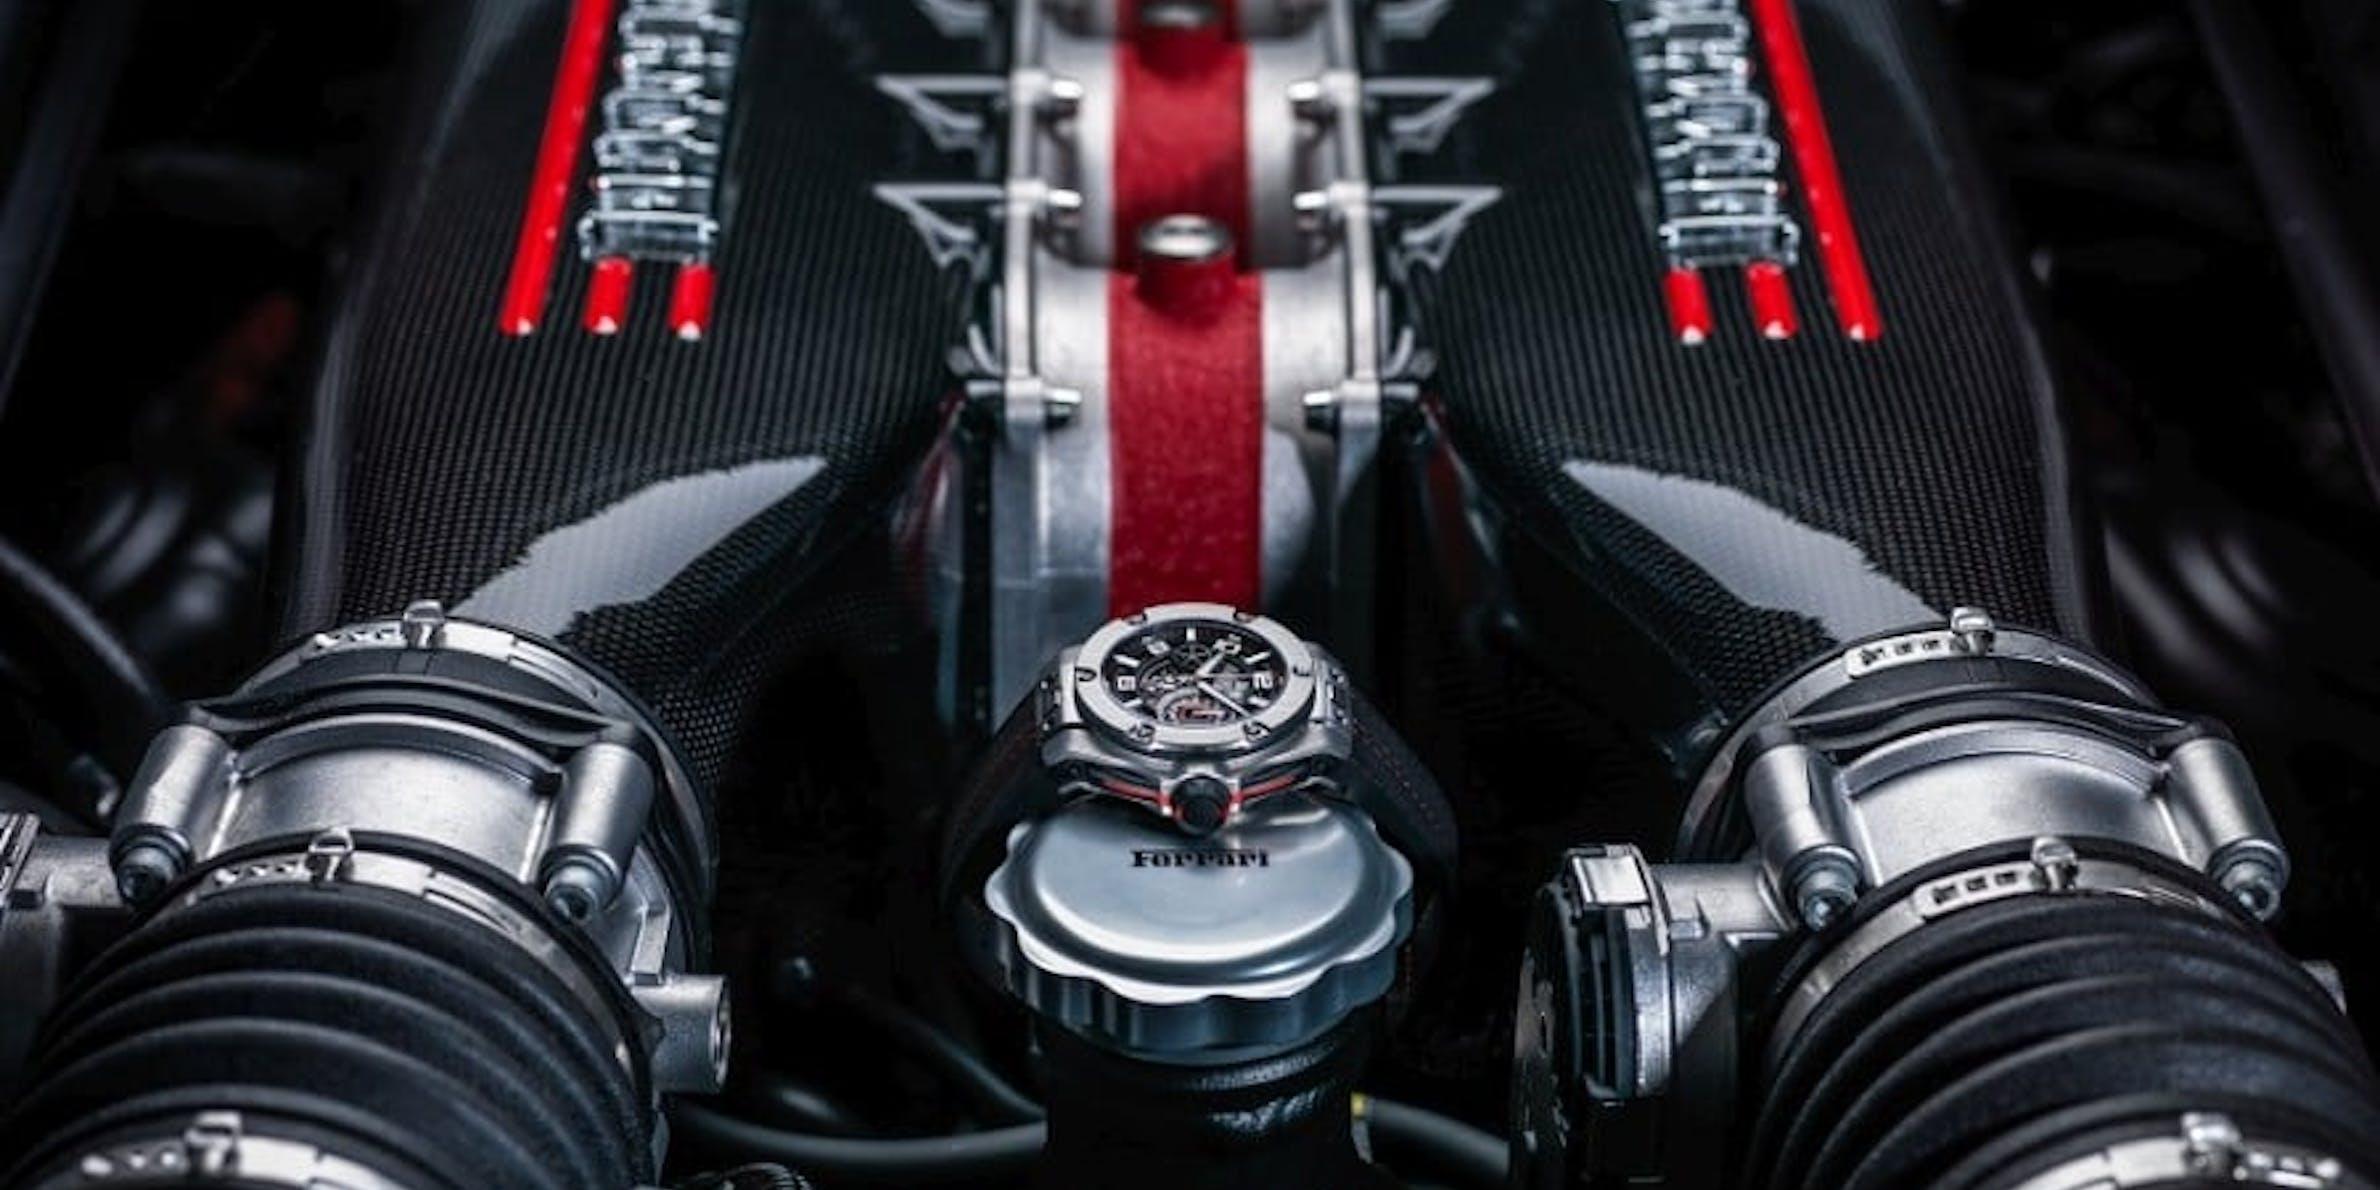 Hublot Ferrari partnership